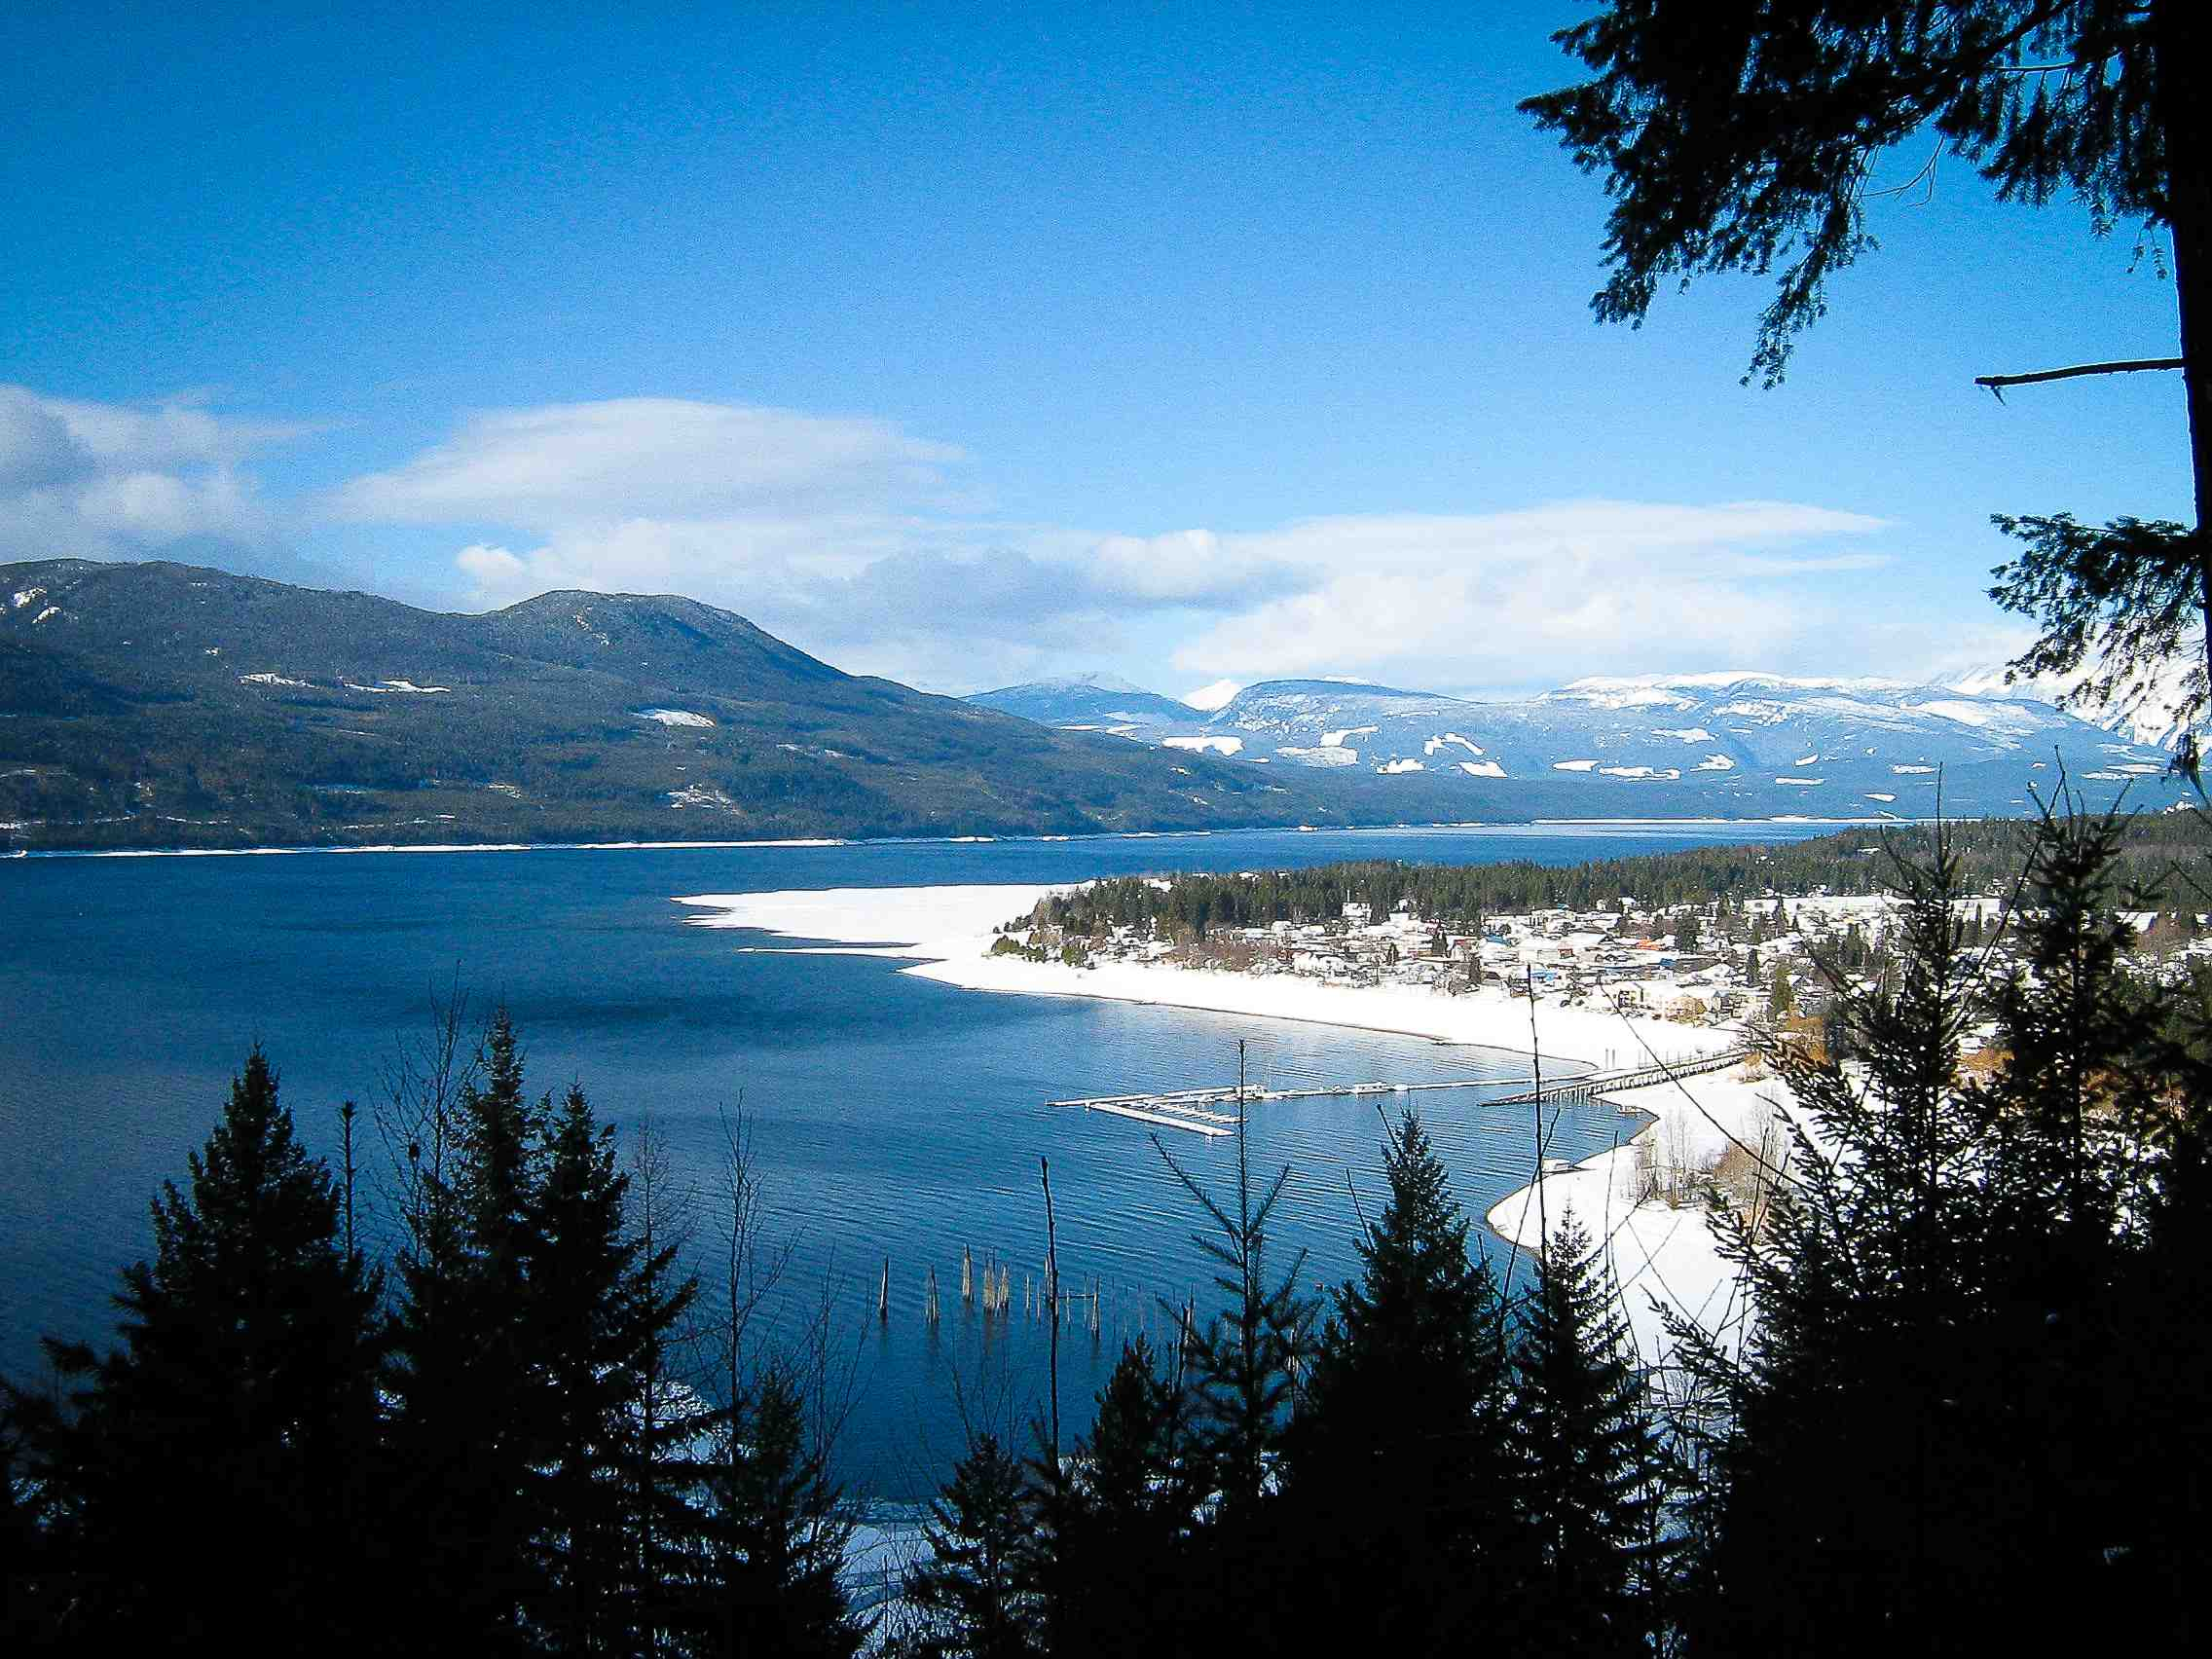 Winter getaway 36 hours in nakusp revelstoke mountaineer for Winter getaways in the us